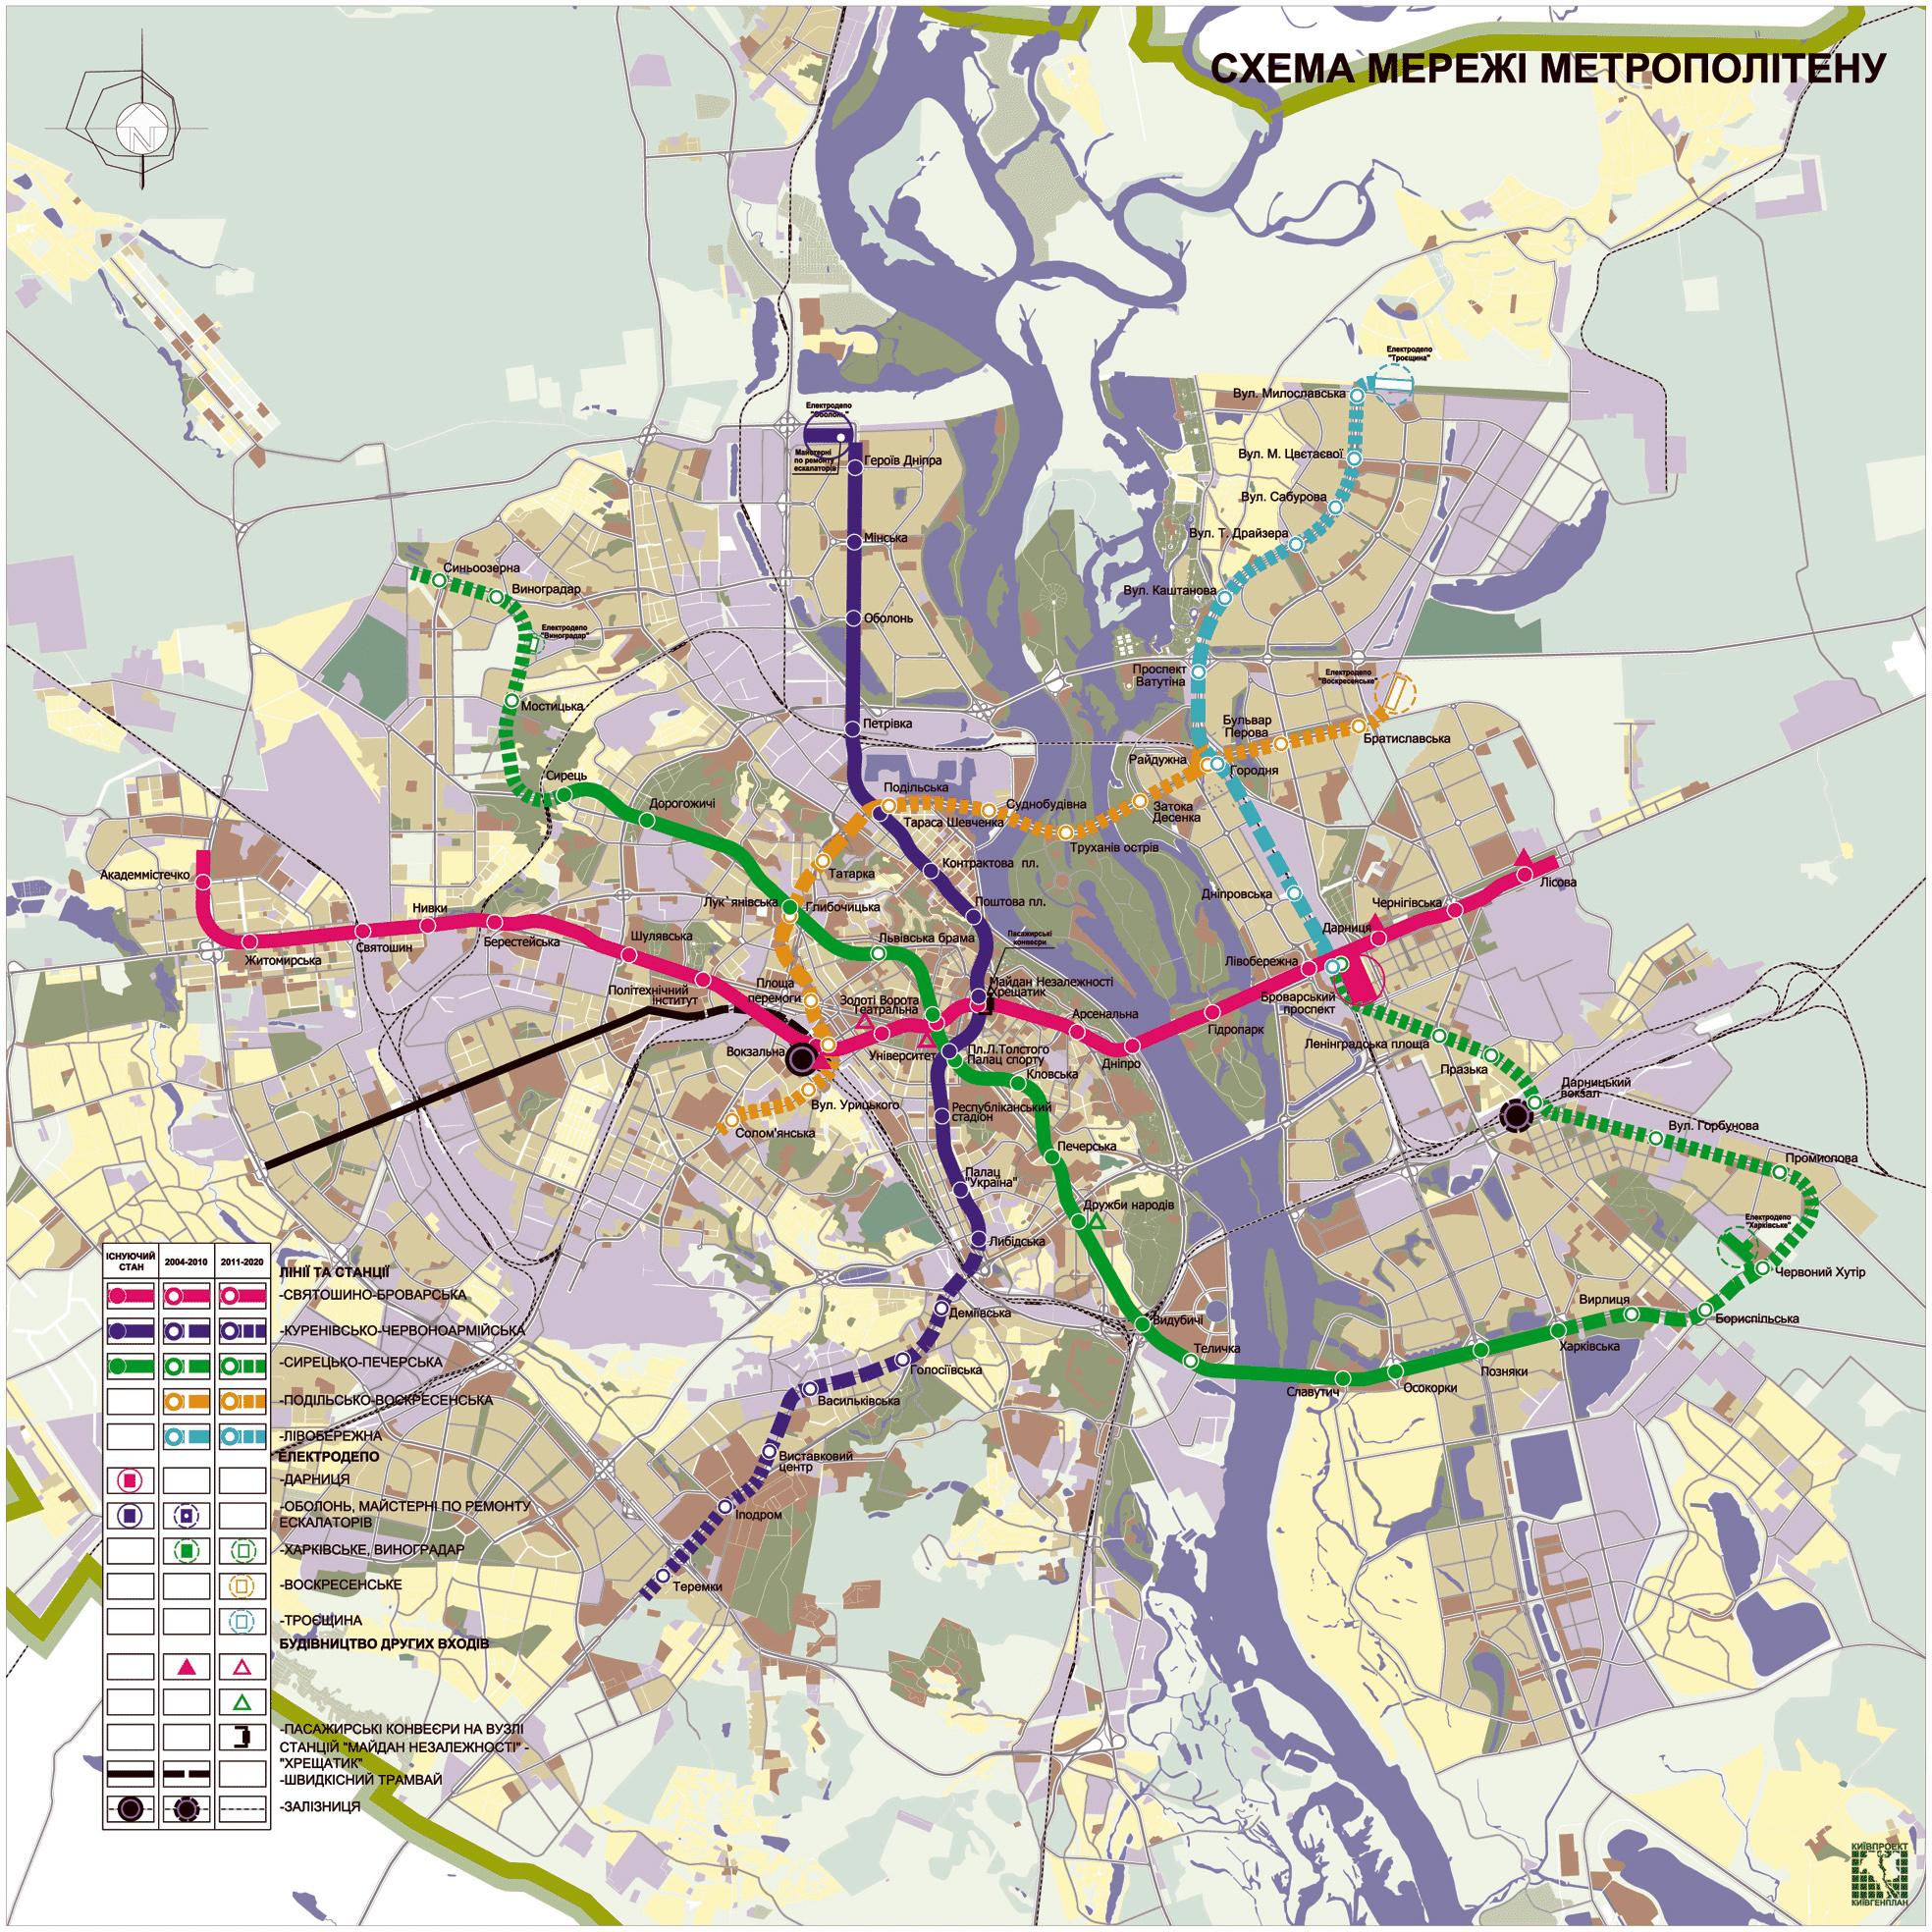 планируемое схема метро к 2025 году на карте